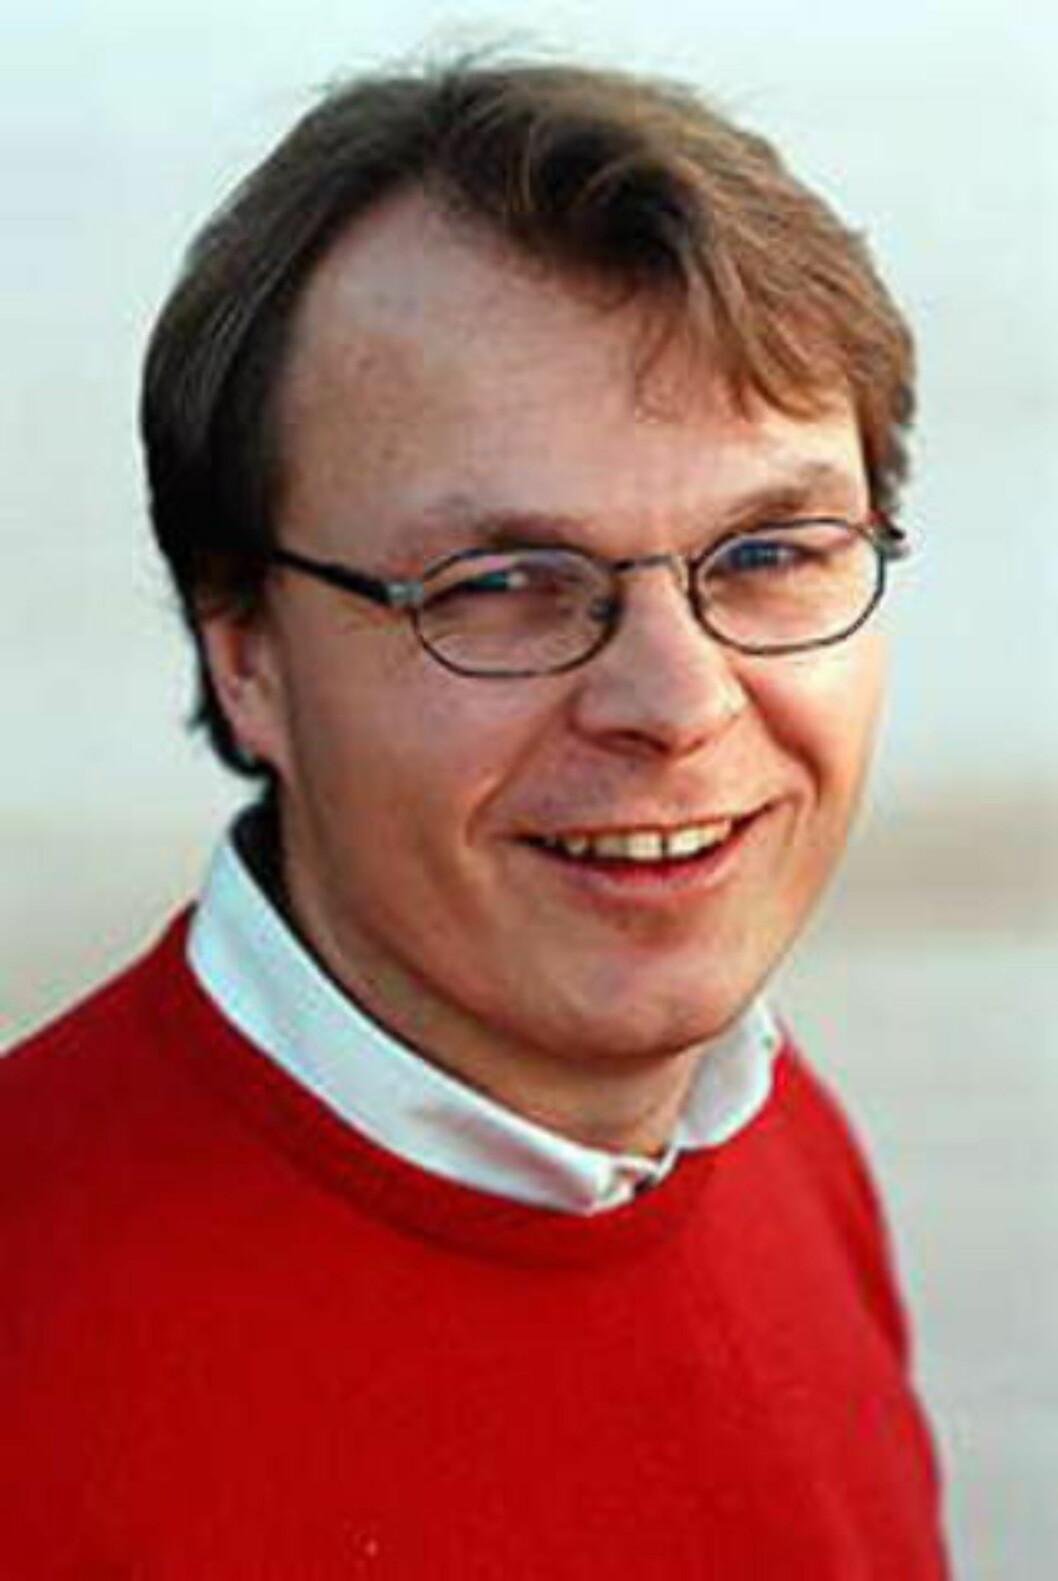 <strong>BENYTTER MULIGHETEN:</strong> Nils Ketil Andresen startet i 2014 et produksjonsselskap rettet mot YouTube.